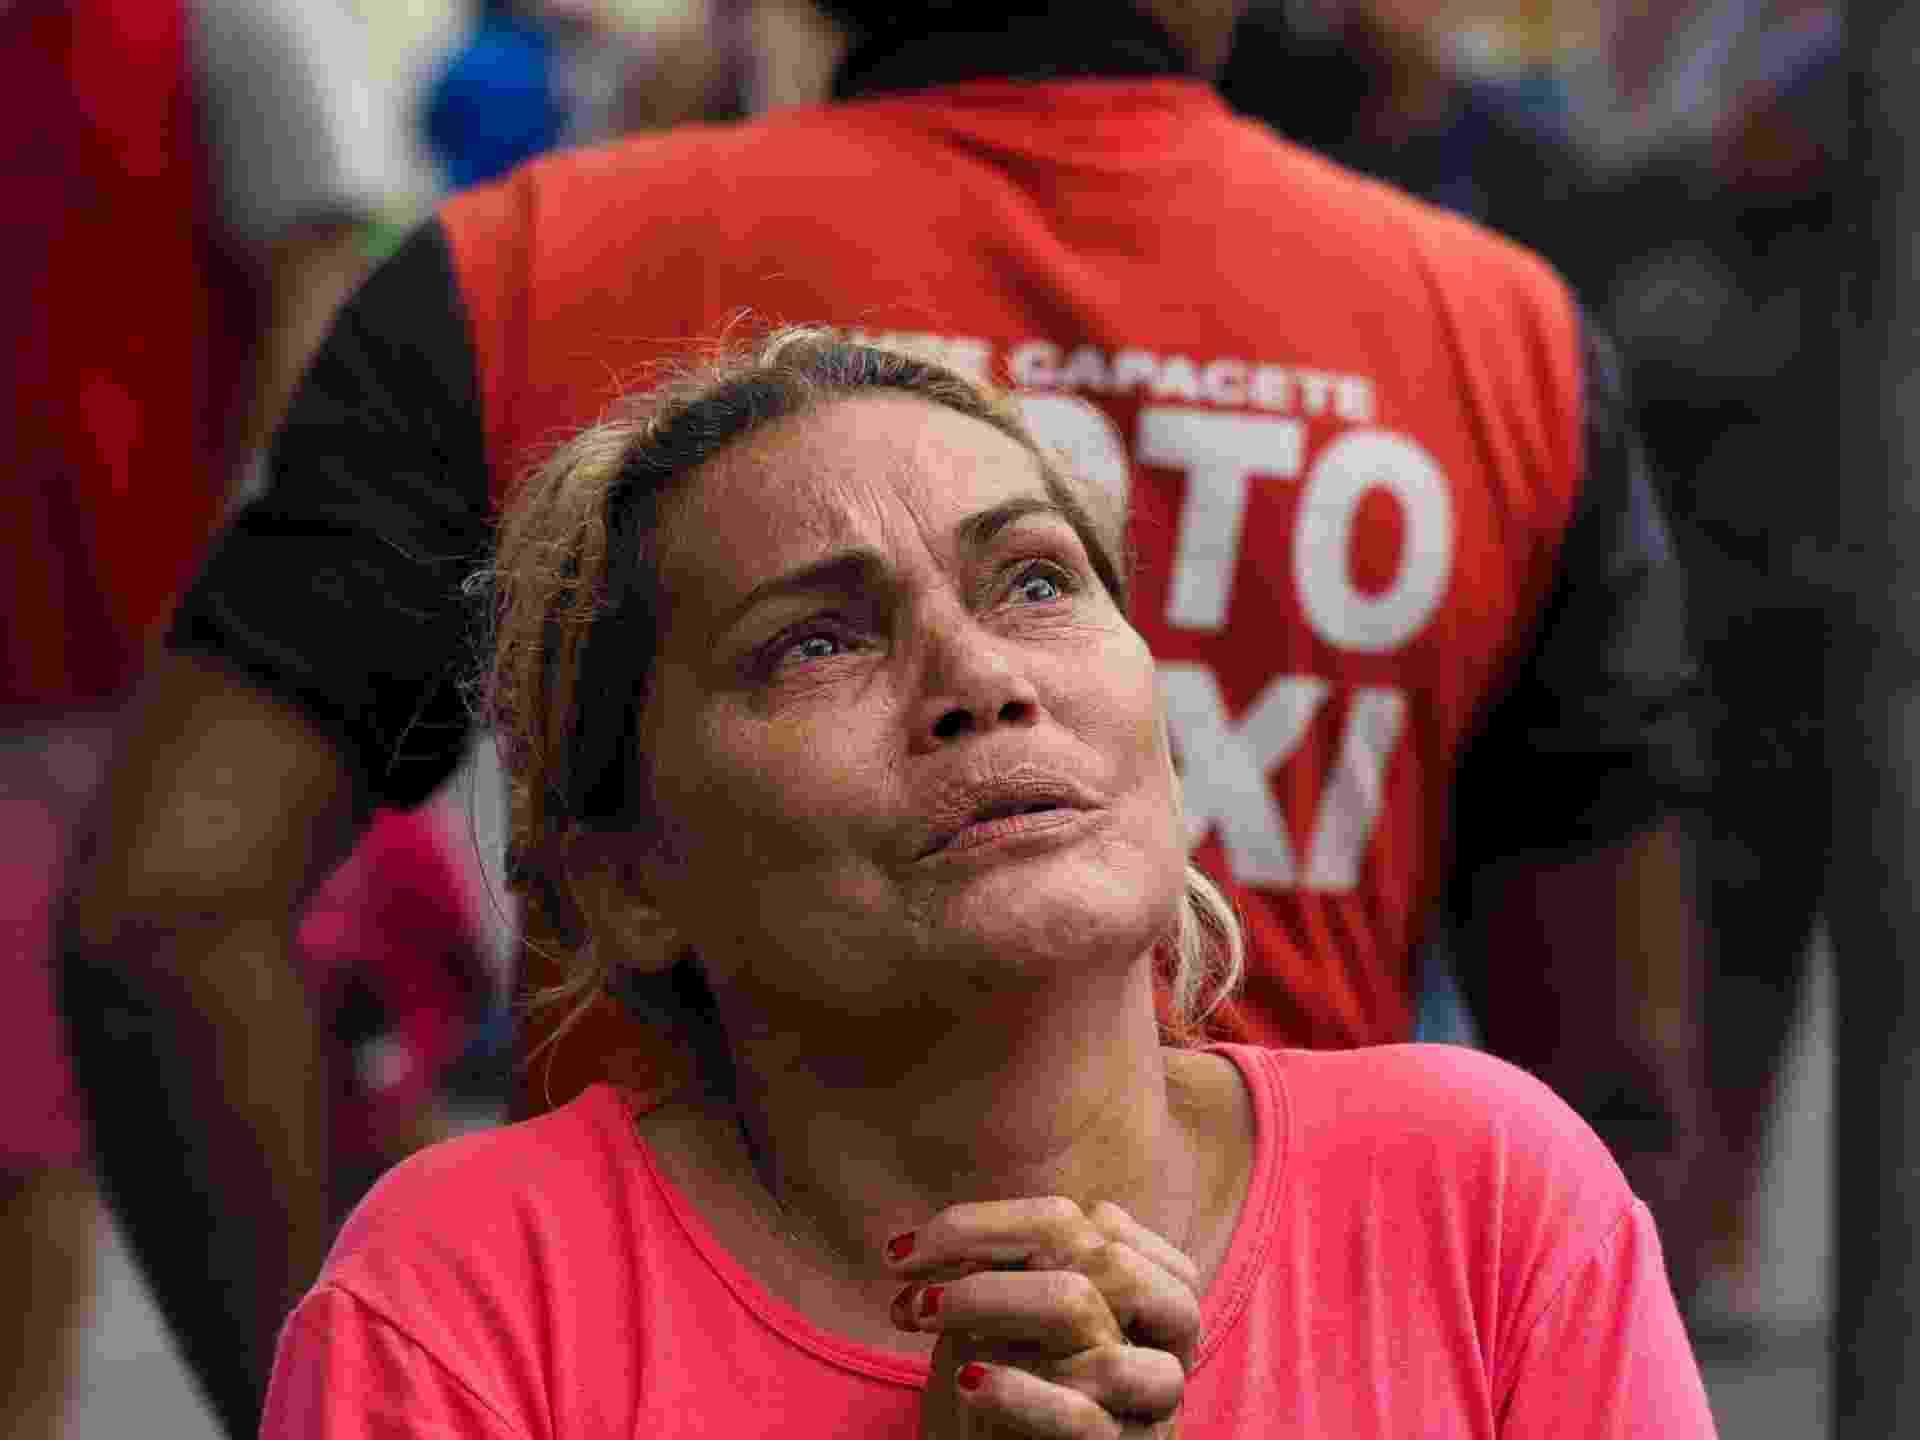 8.jan.2017 - Parente de preso da Cadeia Pública Raimundo Vidal Pessoa dá graças depois de descobrir que seu ente querido não está entre os mortos durante um motim em 8 de janeiro de 2017, em Manaus, estado do Amazonas - Raphael Alves/AFP